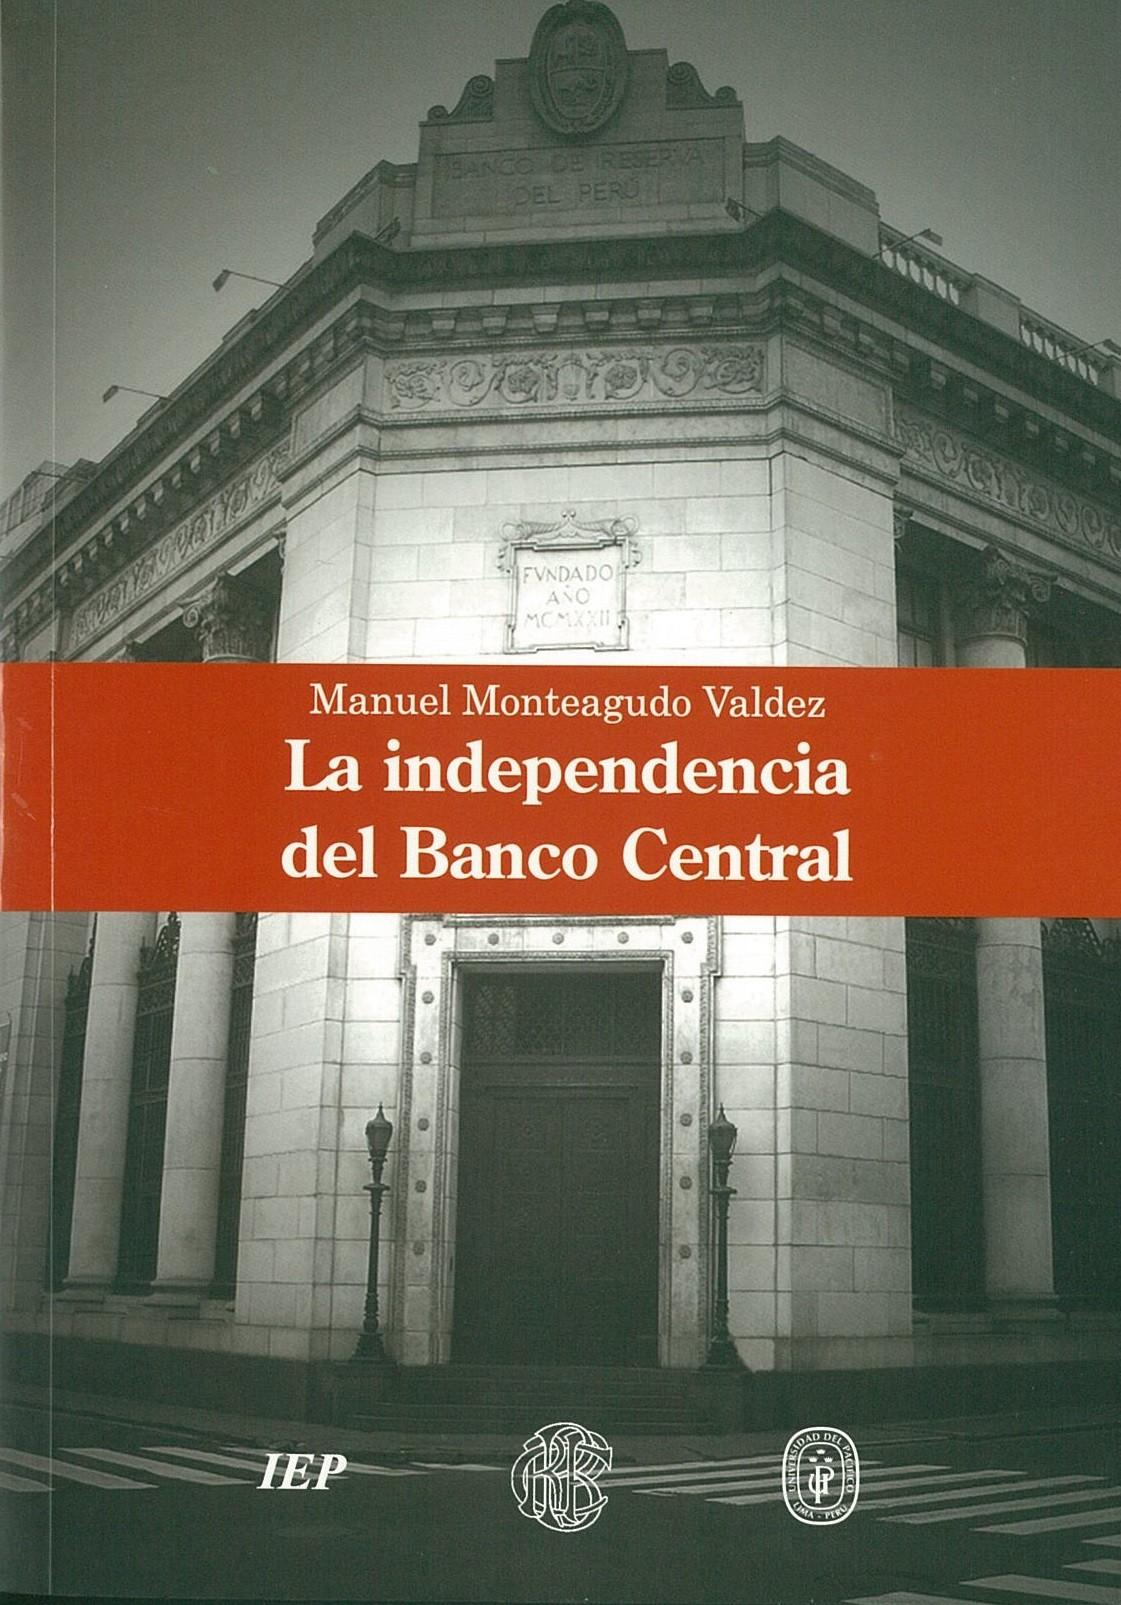 La independencia del Banco Central